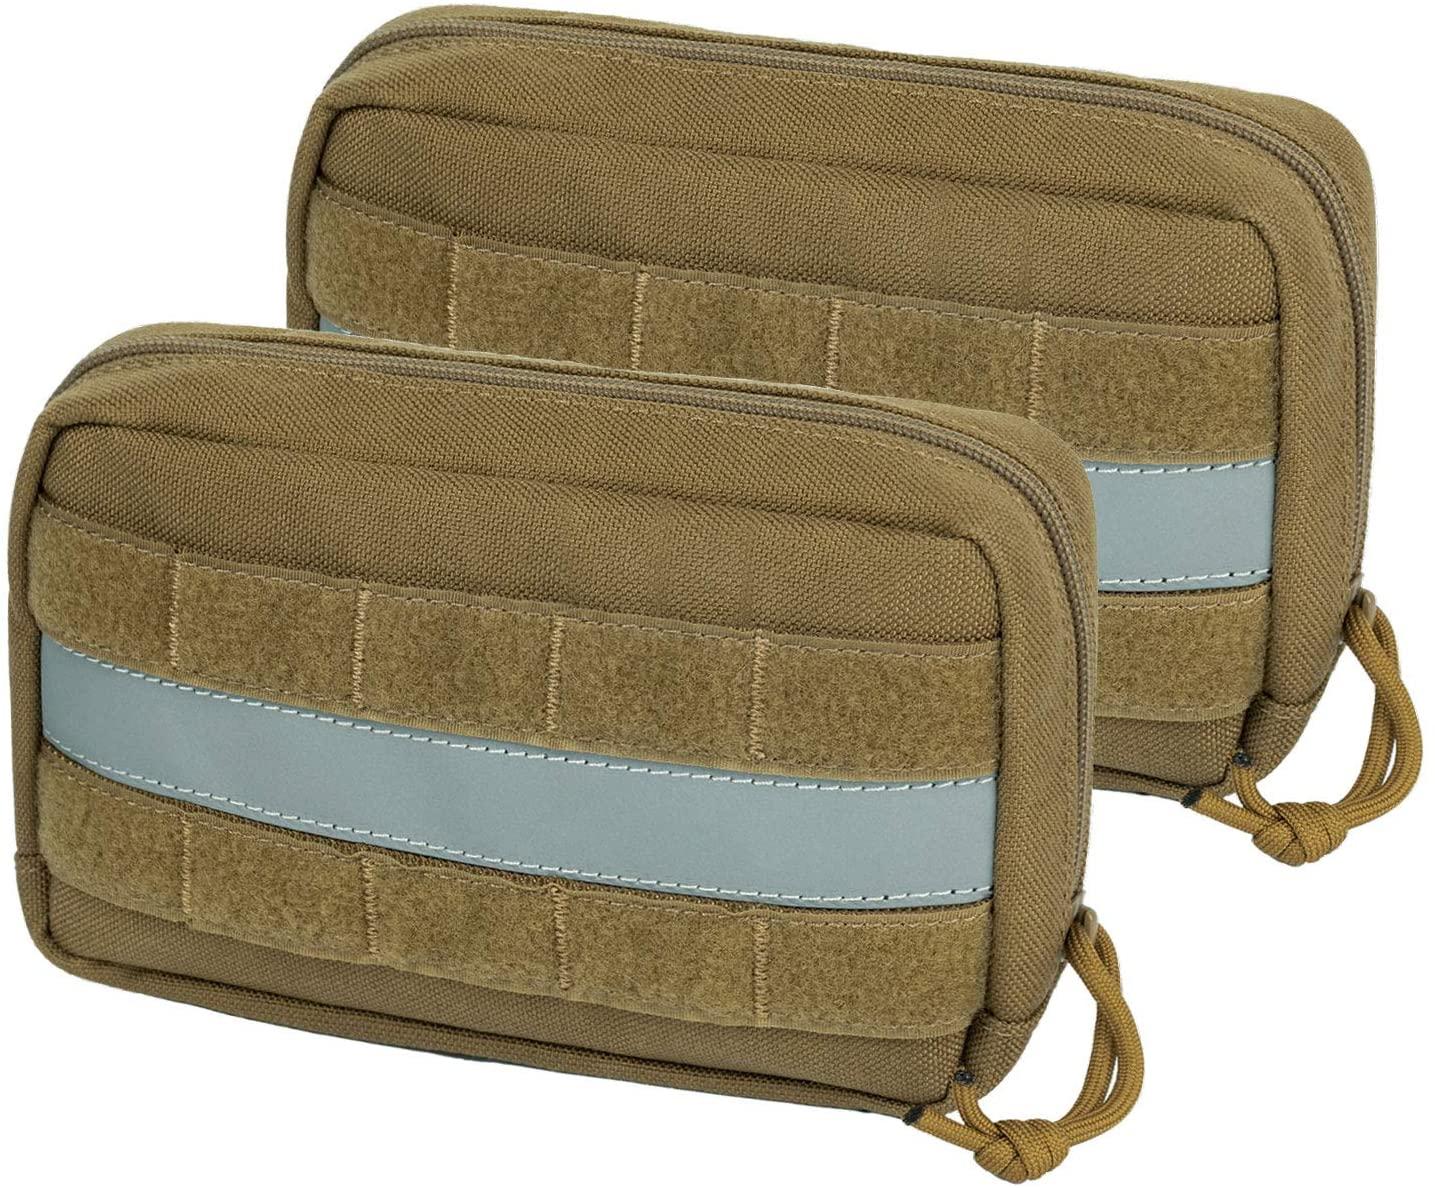 OneTigris Service Dog Vest Harness Saddle Bag Backpack Pouch, Emotional Support, Service Dog in Training,Quality Saddlebag for Tactical Dogs Vests